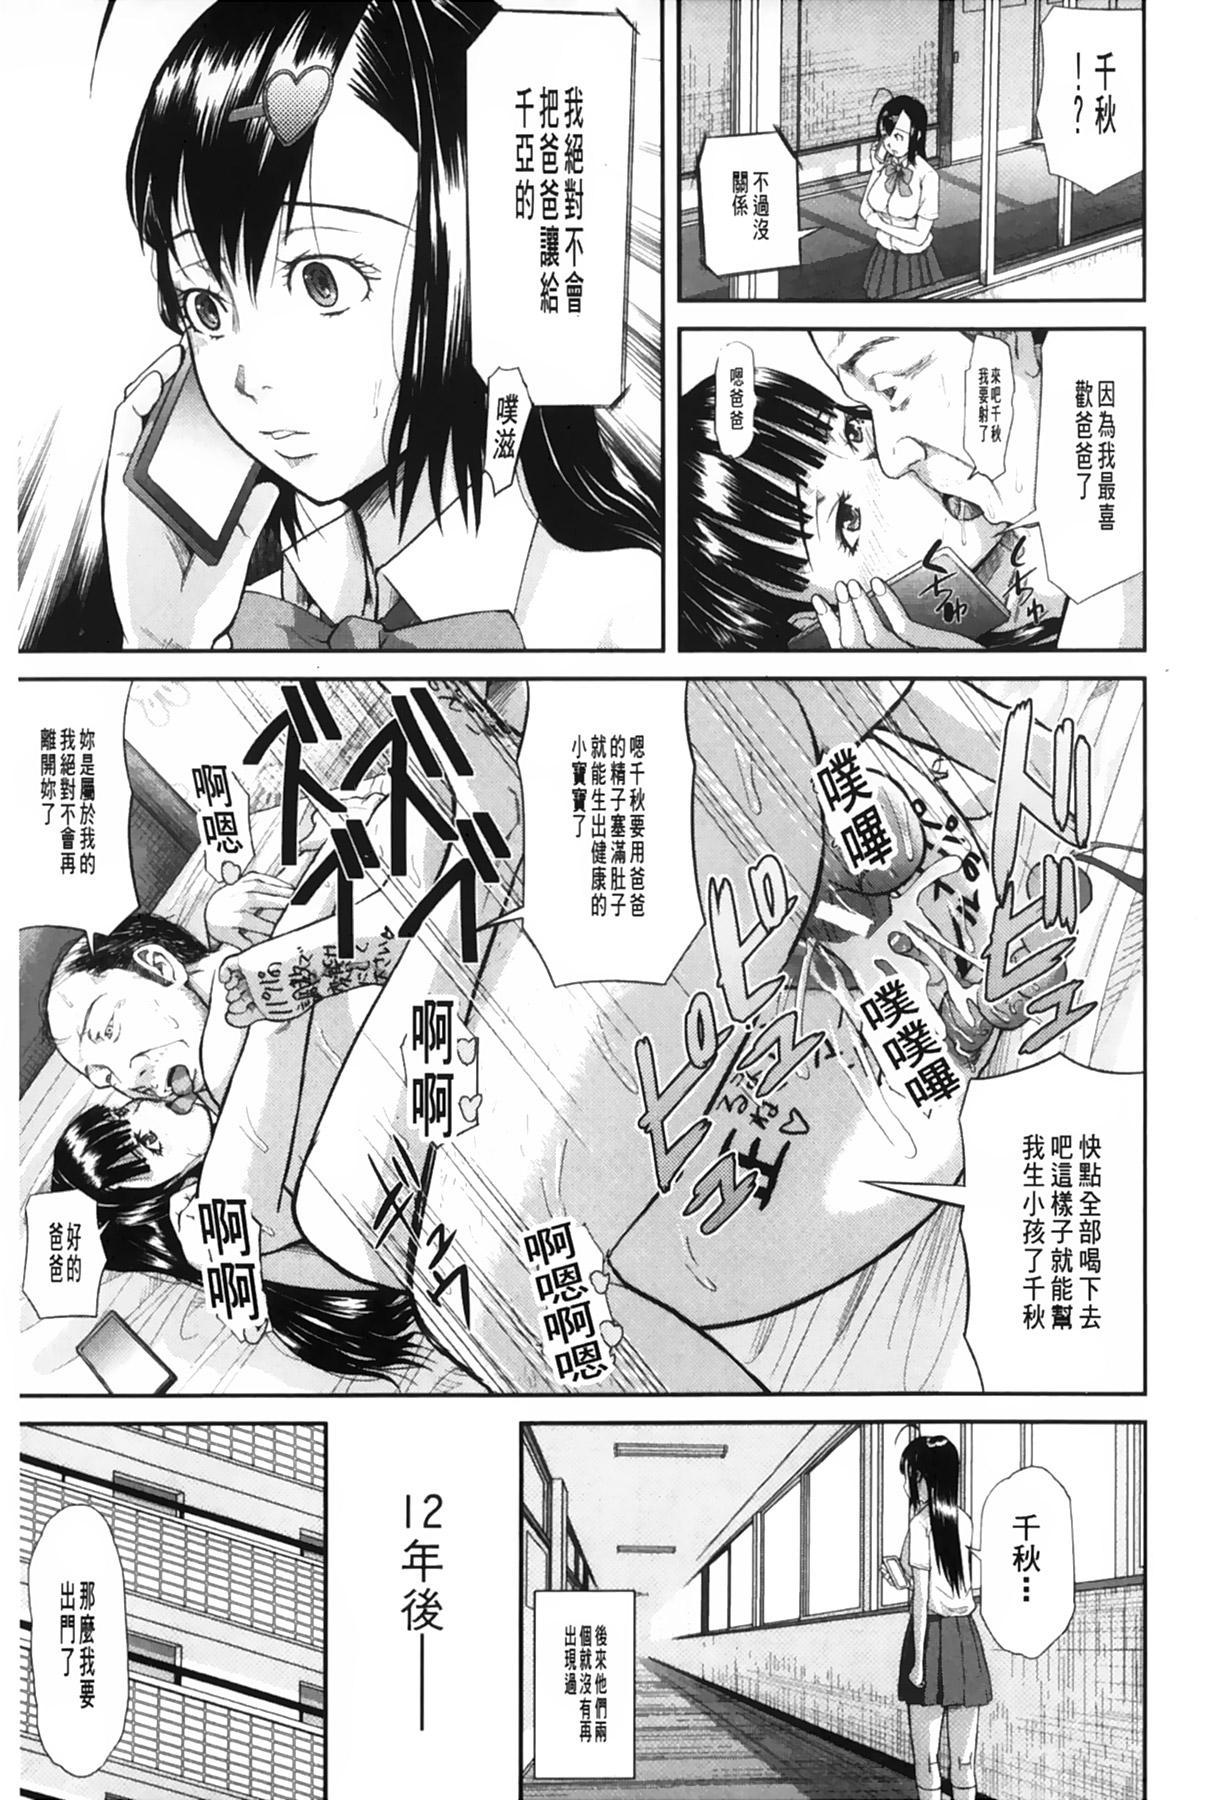 [Honebuto Danshaku] Onna Jigoku Niku no Tsubo~Hentai Rui Inran Ka Mesu Buta Ichidaiki~ | 女地獄、肉之壺 ~変態類淫乱科淫母豬一代記~ [Chinese] 77